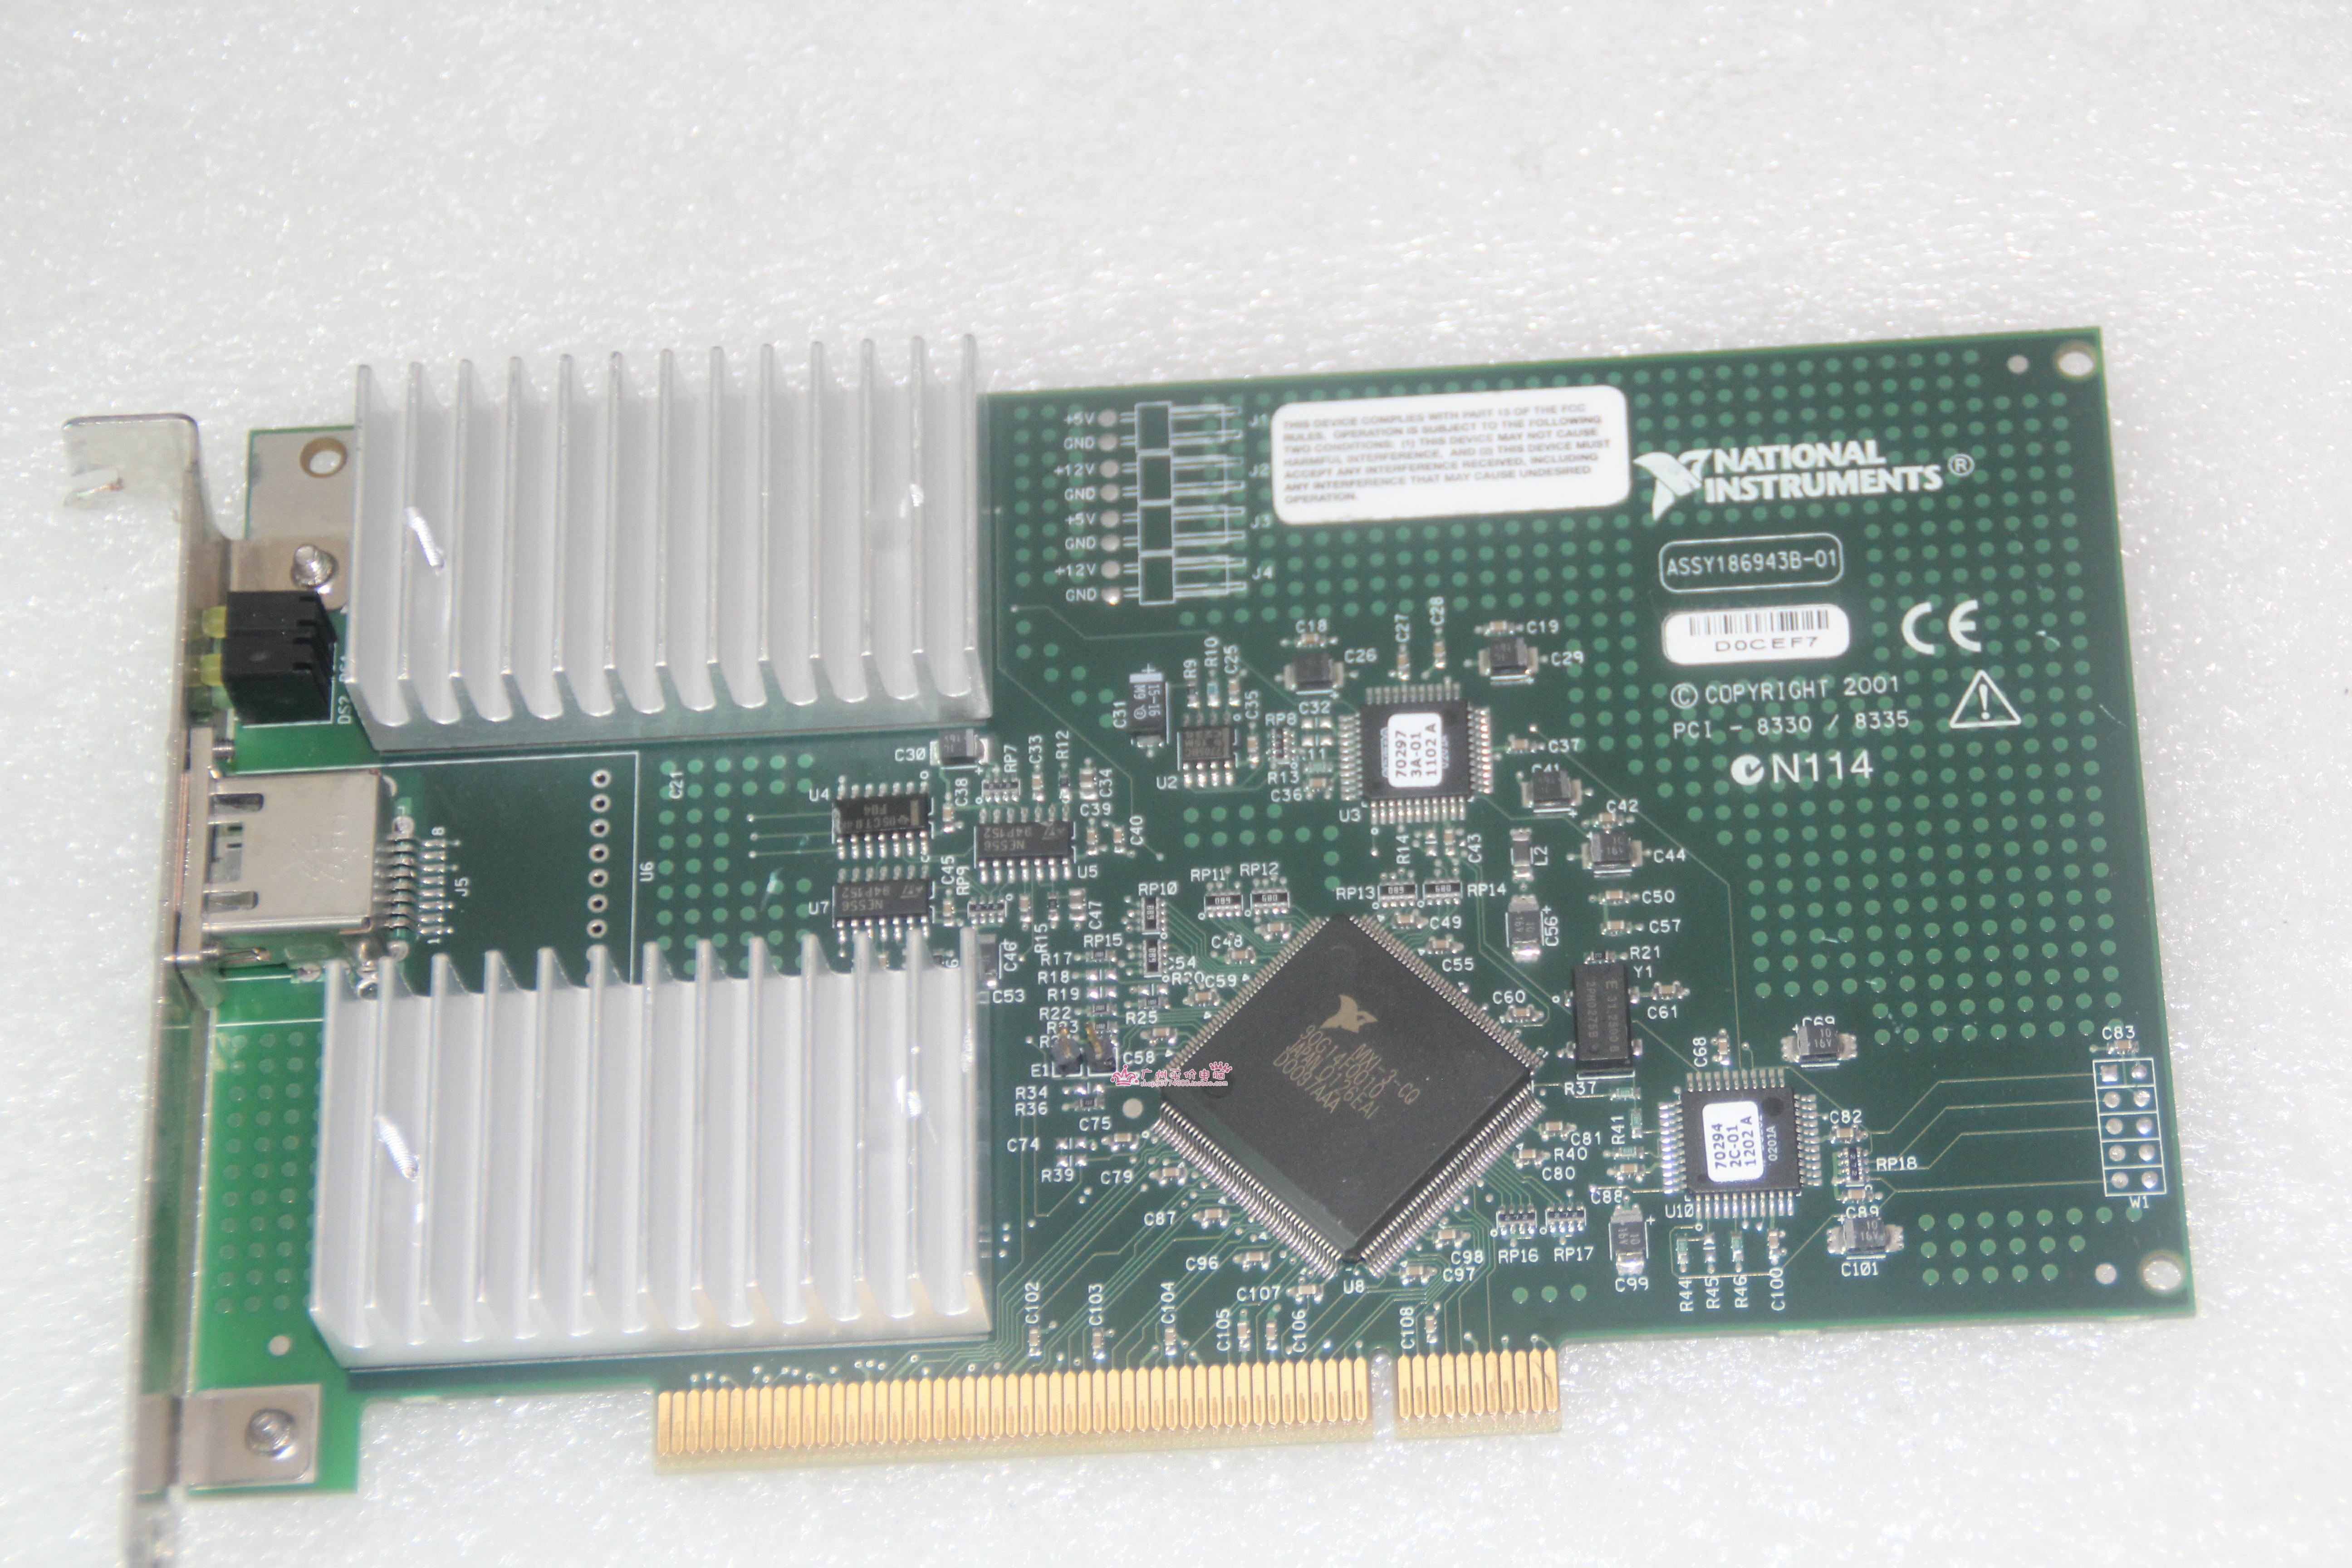 美国 NI PCI-8330 / 8335 MXI-3 通信卡 用于PC控制